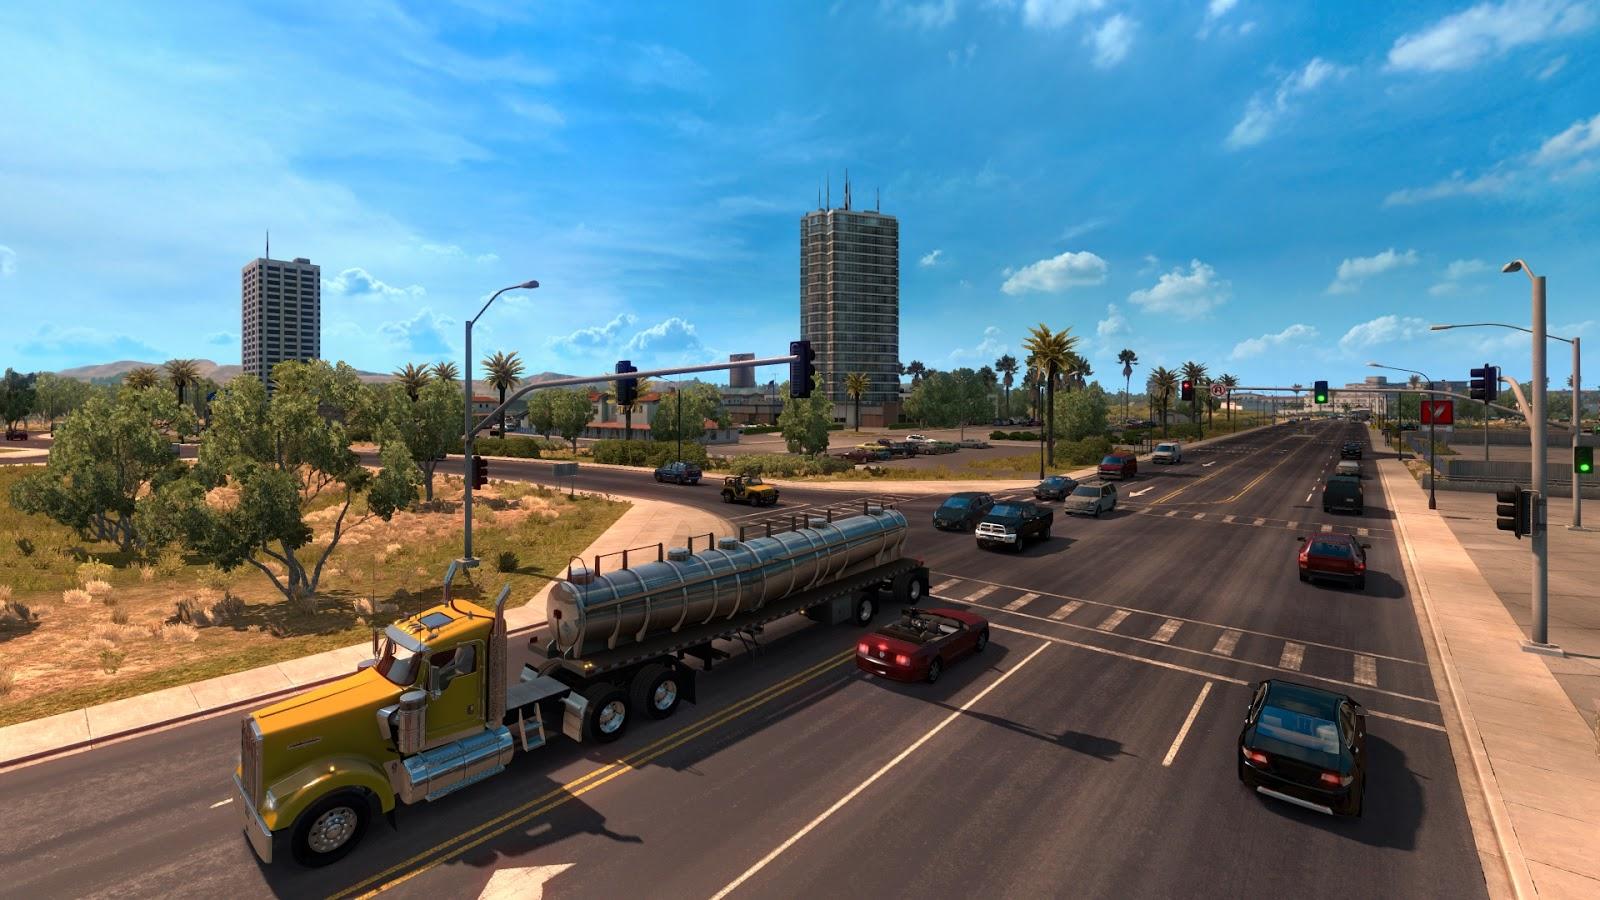 Obrazem: Změna měřítka mapy v American Truck Simulatoru 130257